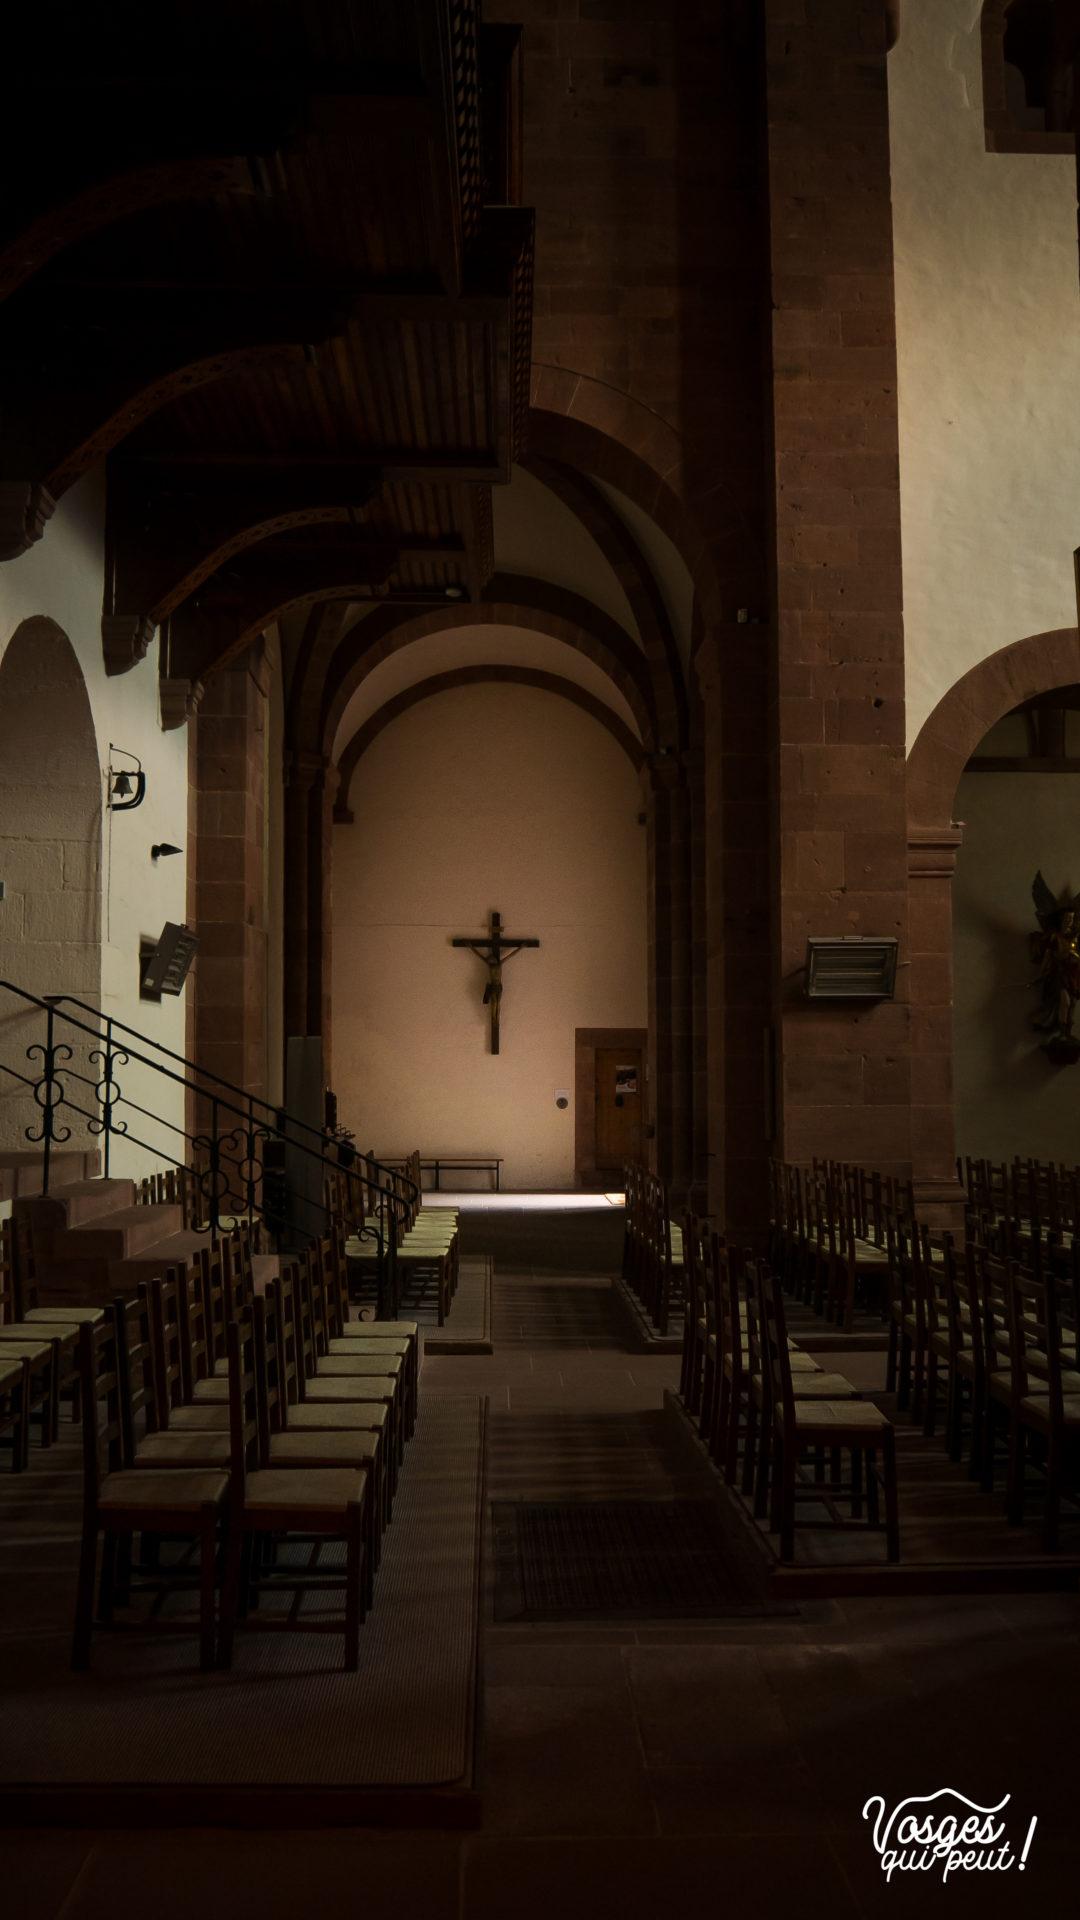 L'intérieur de l'église abbatiale St-Léger de Murbach en Alsace